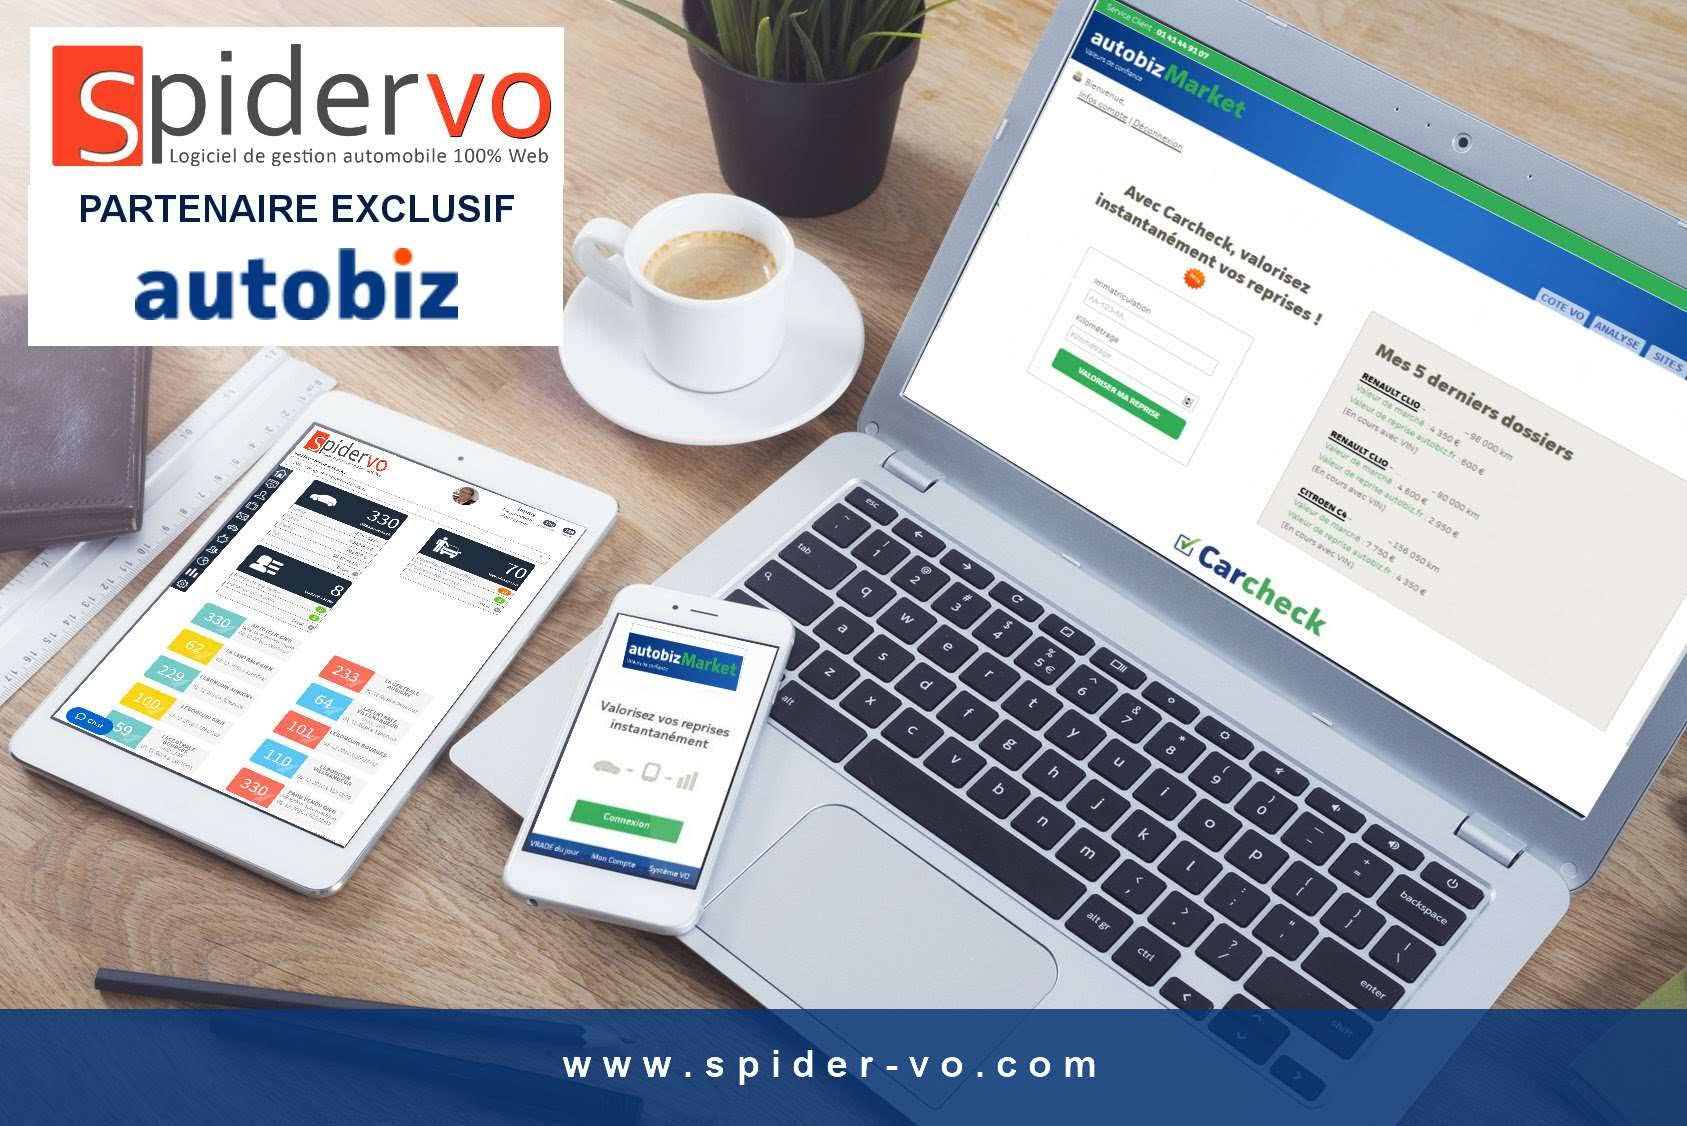 SPIDER VO & AUTOBIZ  unissent leurs forces pour répondre à tous les besoins IT des professionnels VO